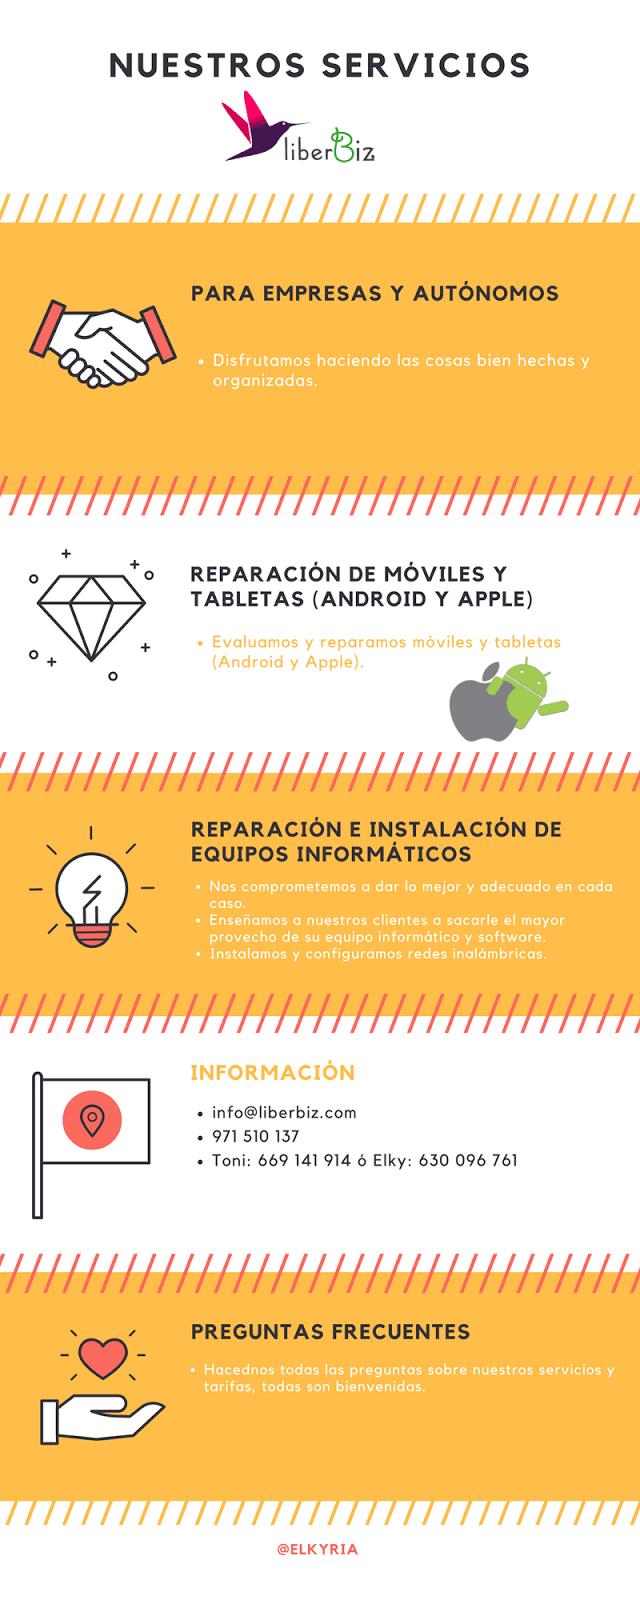 Reparación de móviles y tabletas Android y Apple, ordenadores, instalación de redes, servicios de imágen y diseño. Teléfono e información del servicio de Liberbiz